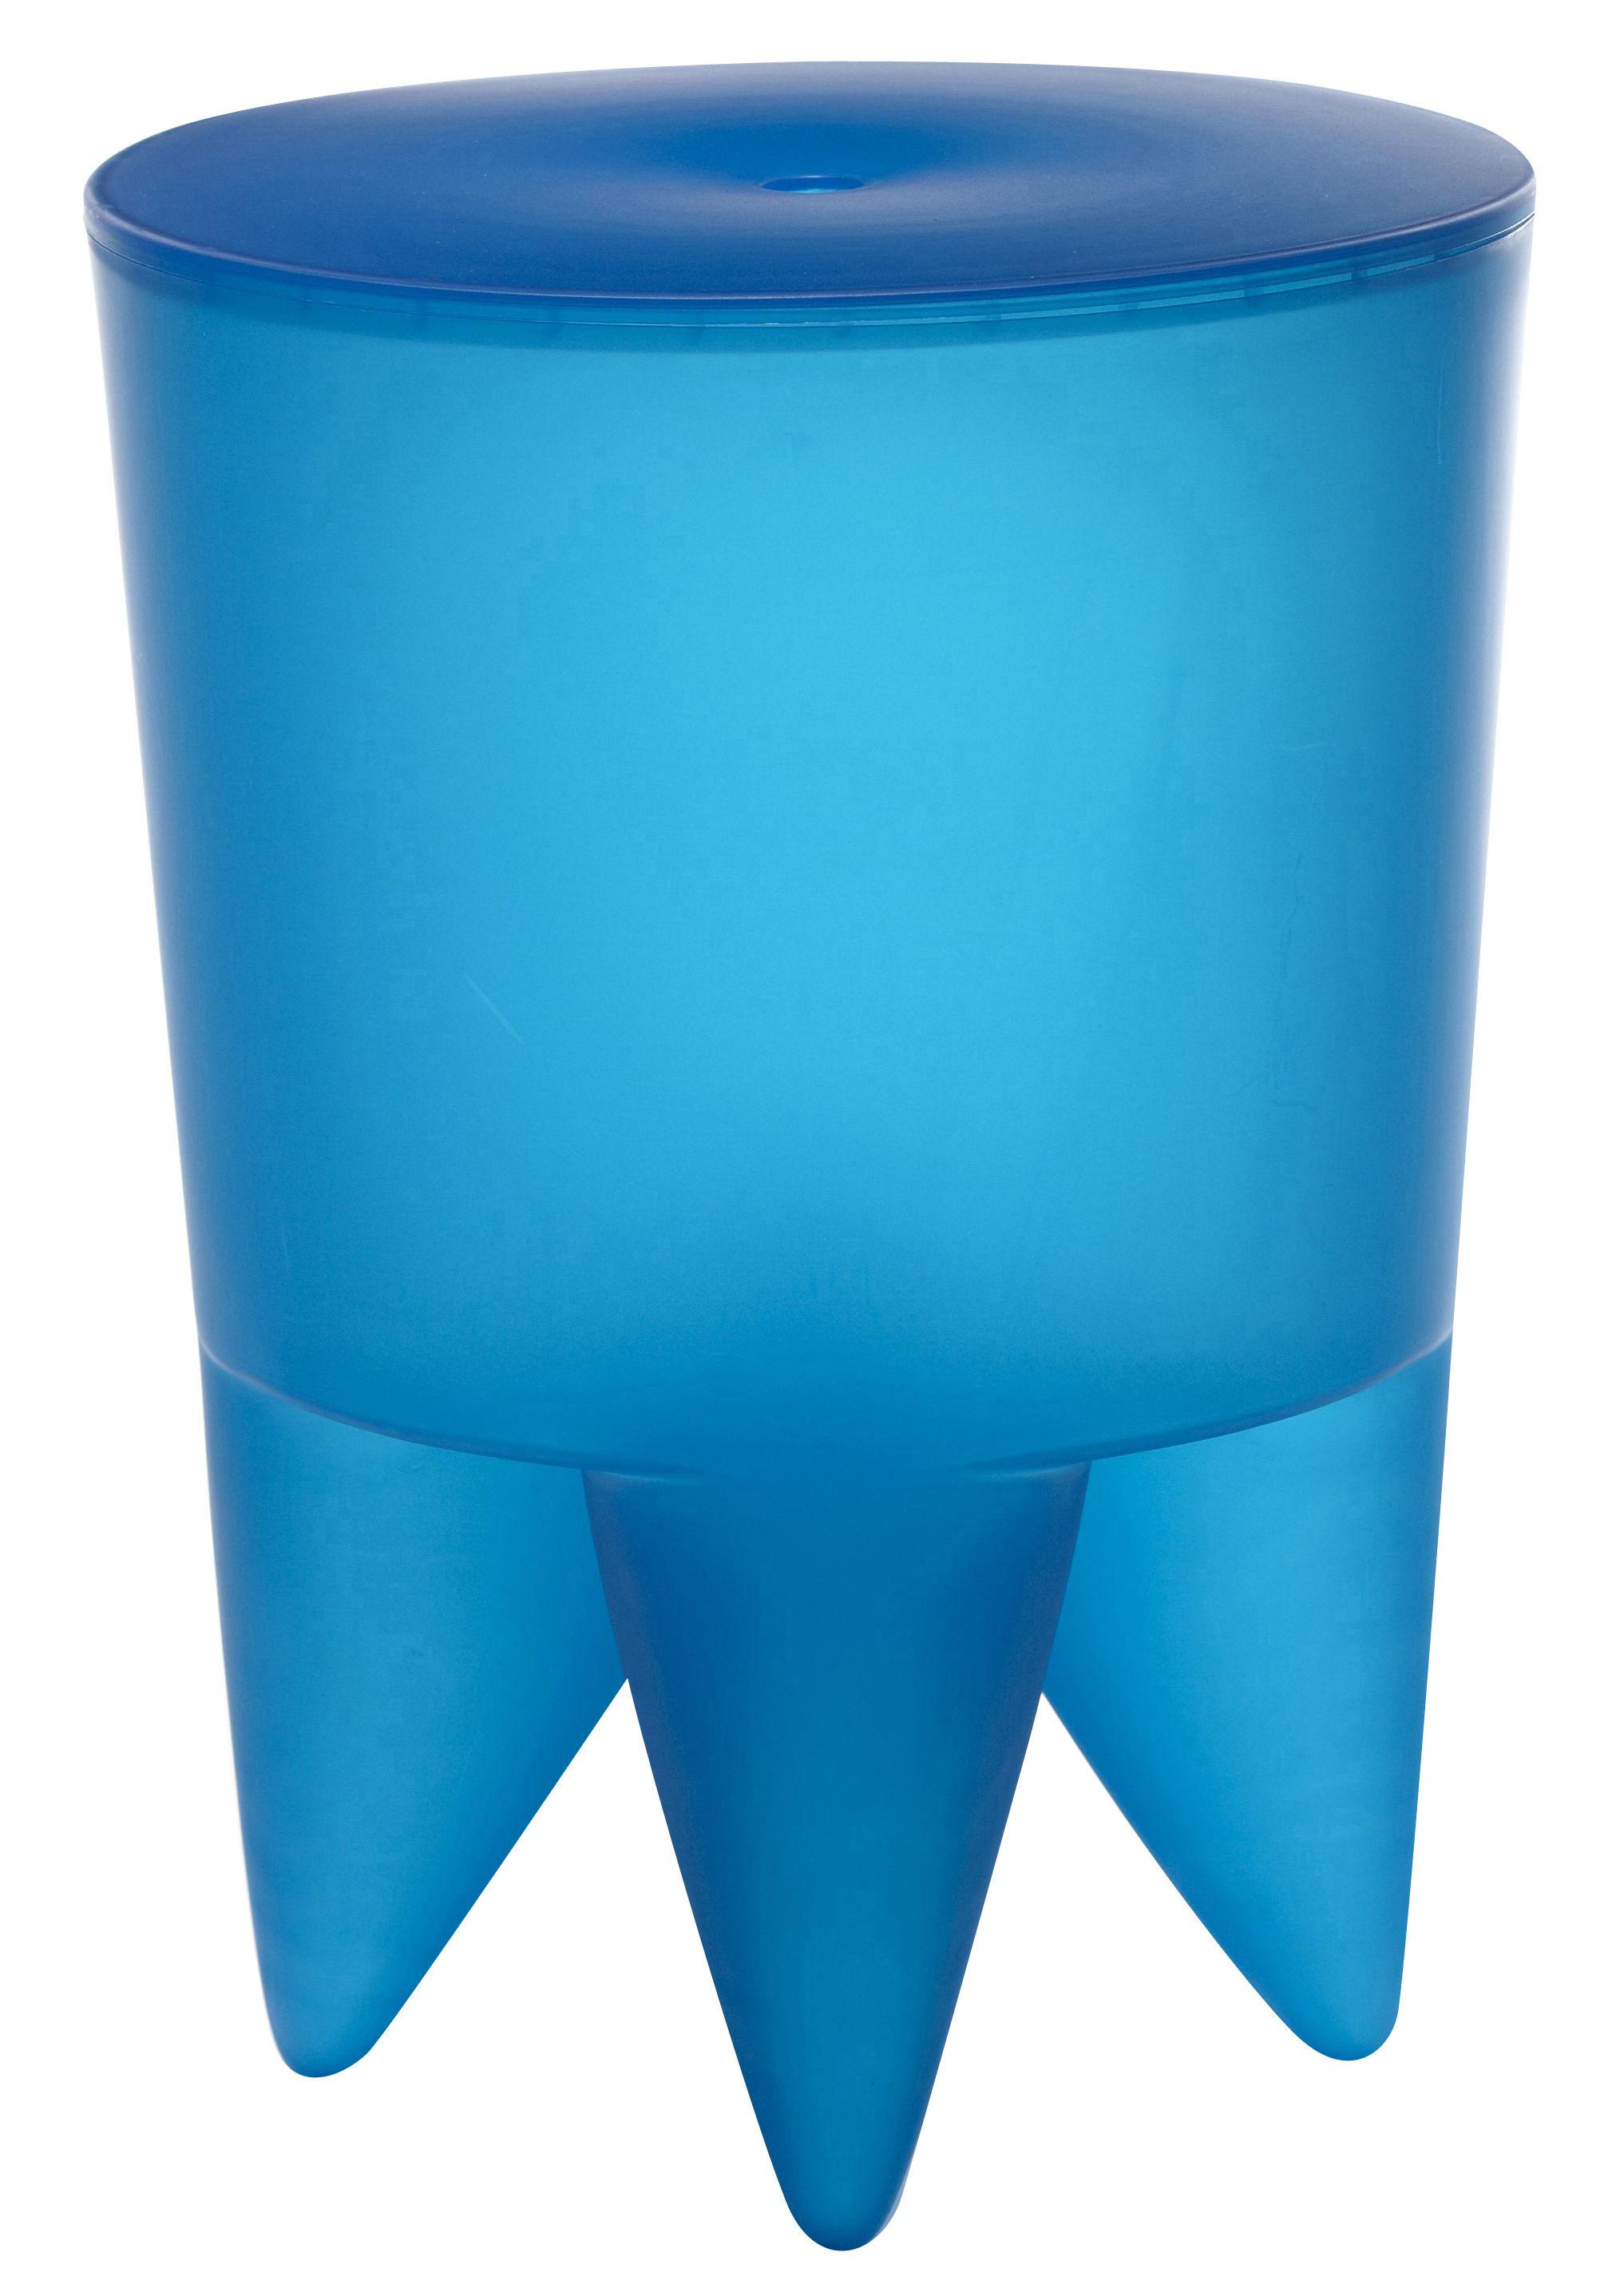 tabouret new bubu 1er coffre plastique azure translucide xo. Black Bedroom Furniture Sets. Home Design Ideas